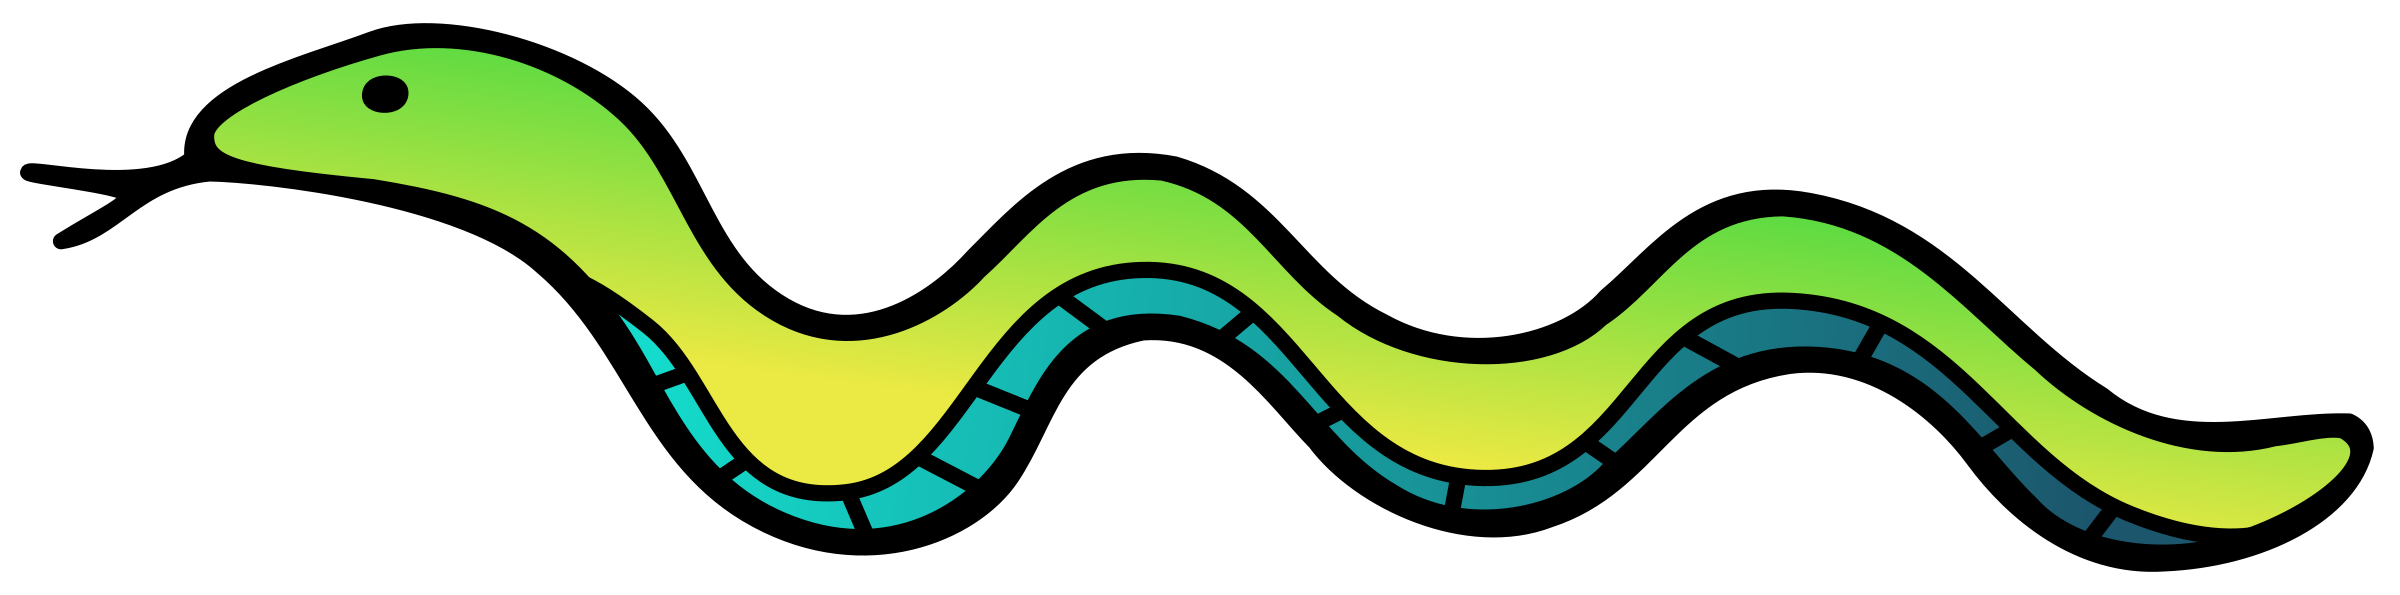 Drawn snake green Colour Clipart Snake Snake Colour